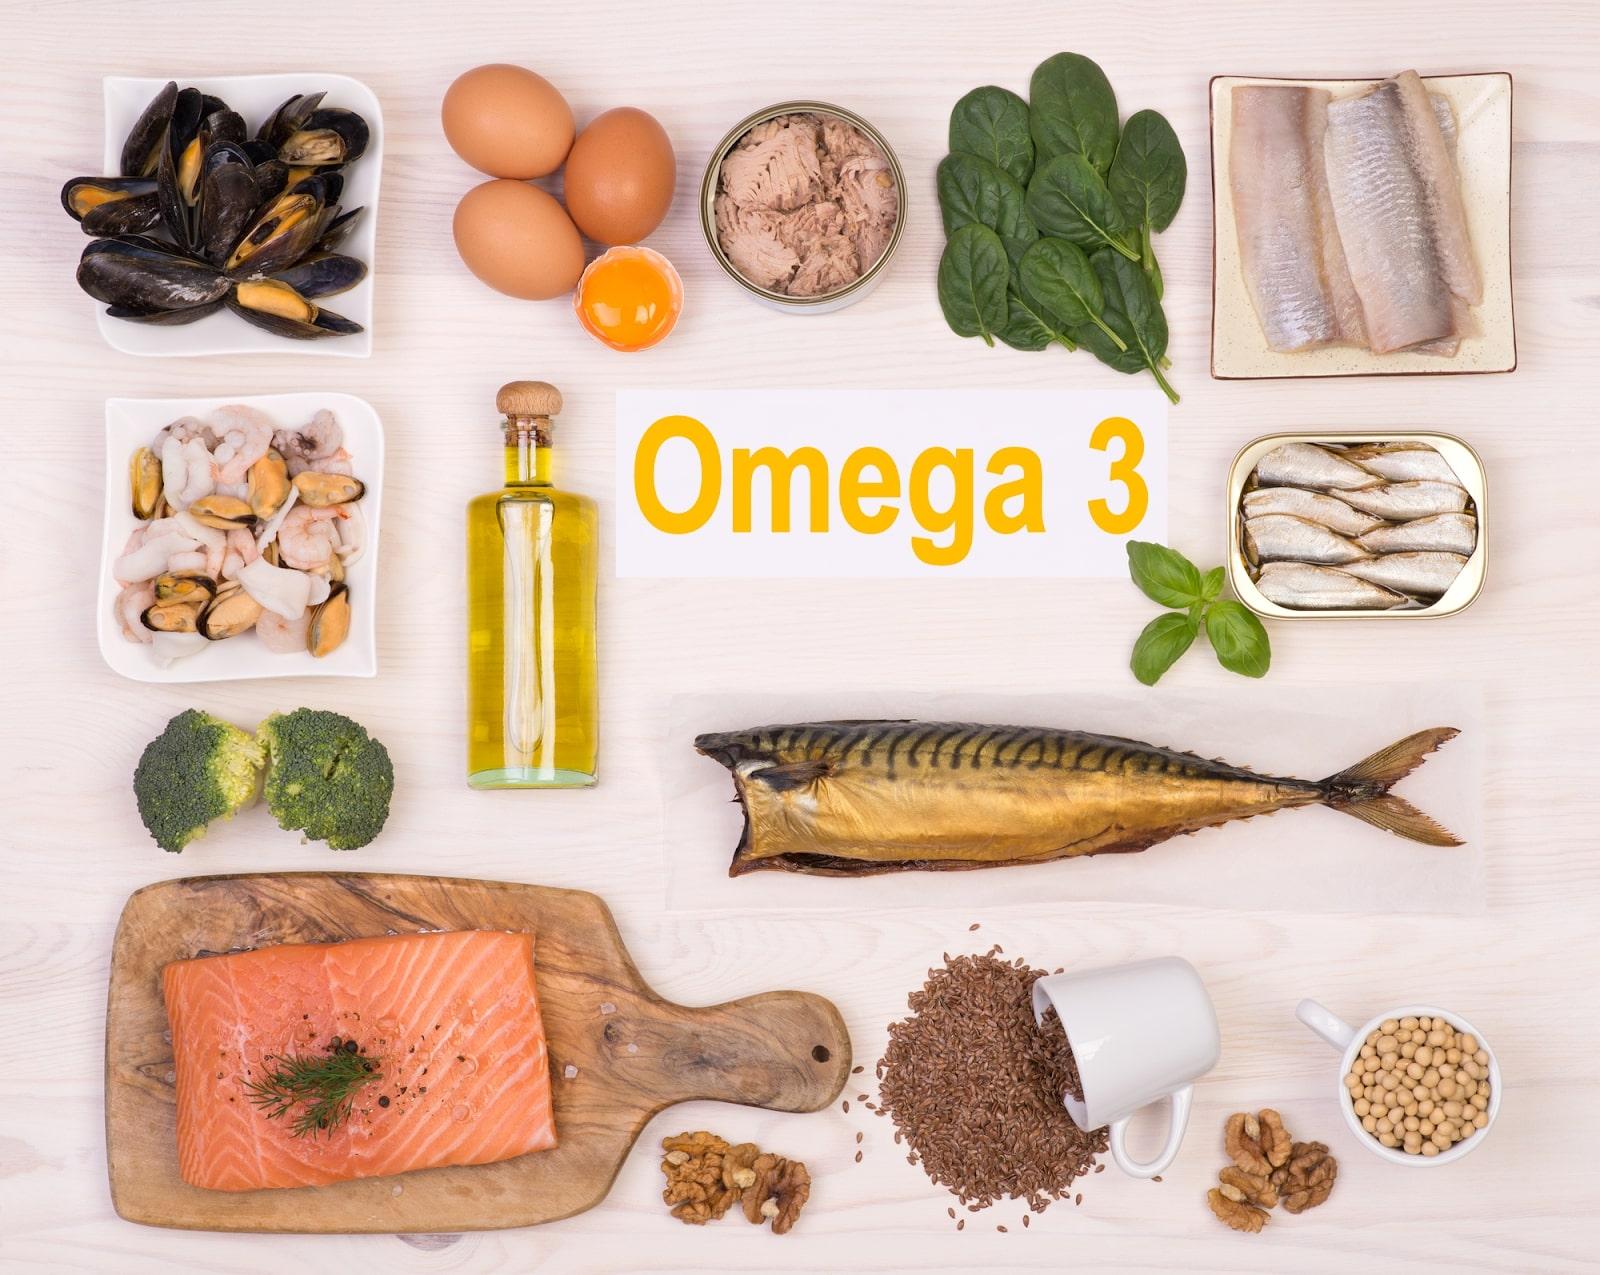 Thực phẩm giàu omega 3 bổ sung collagen hiệu quả